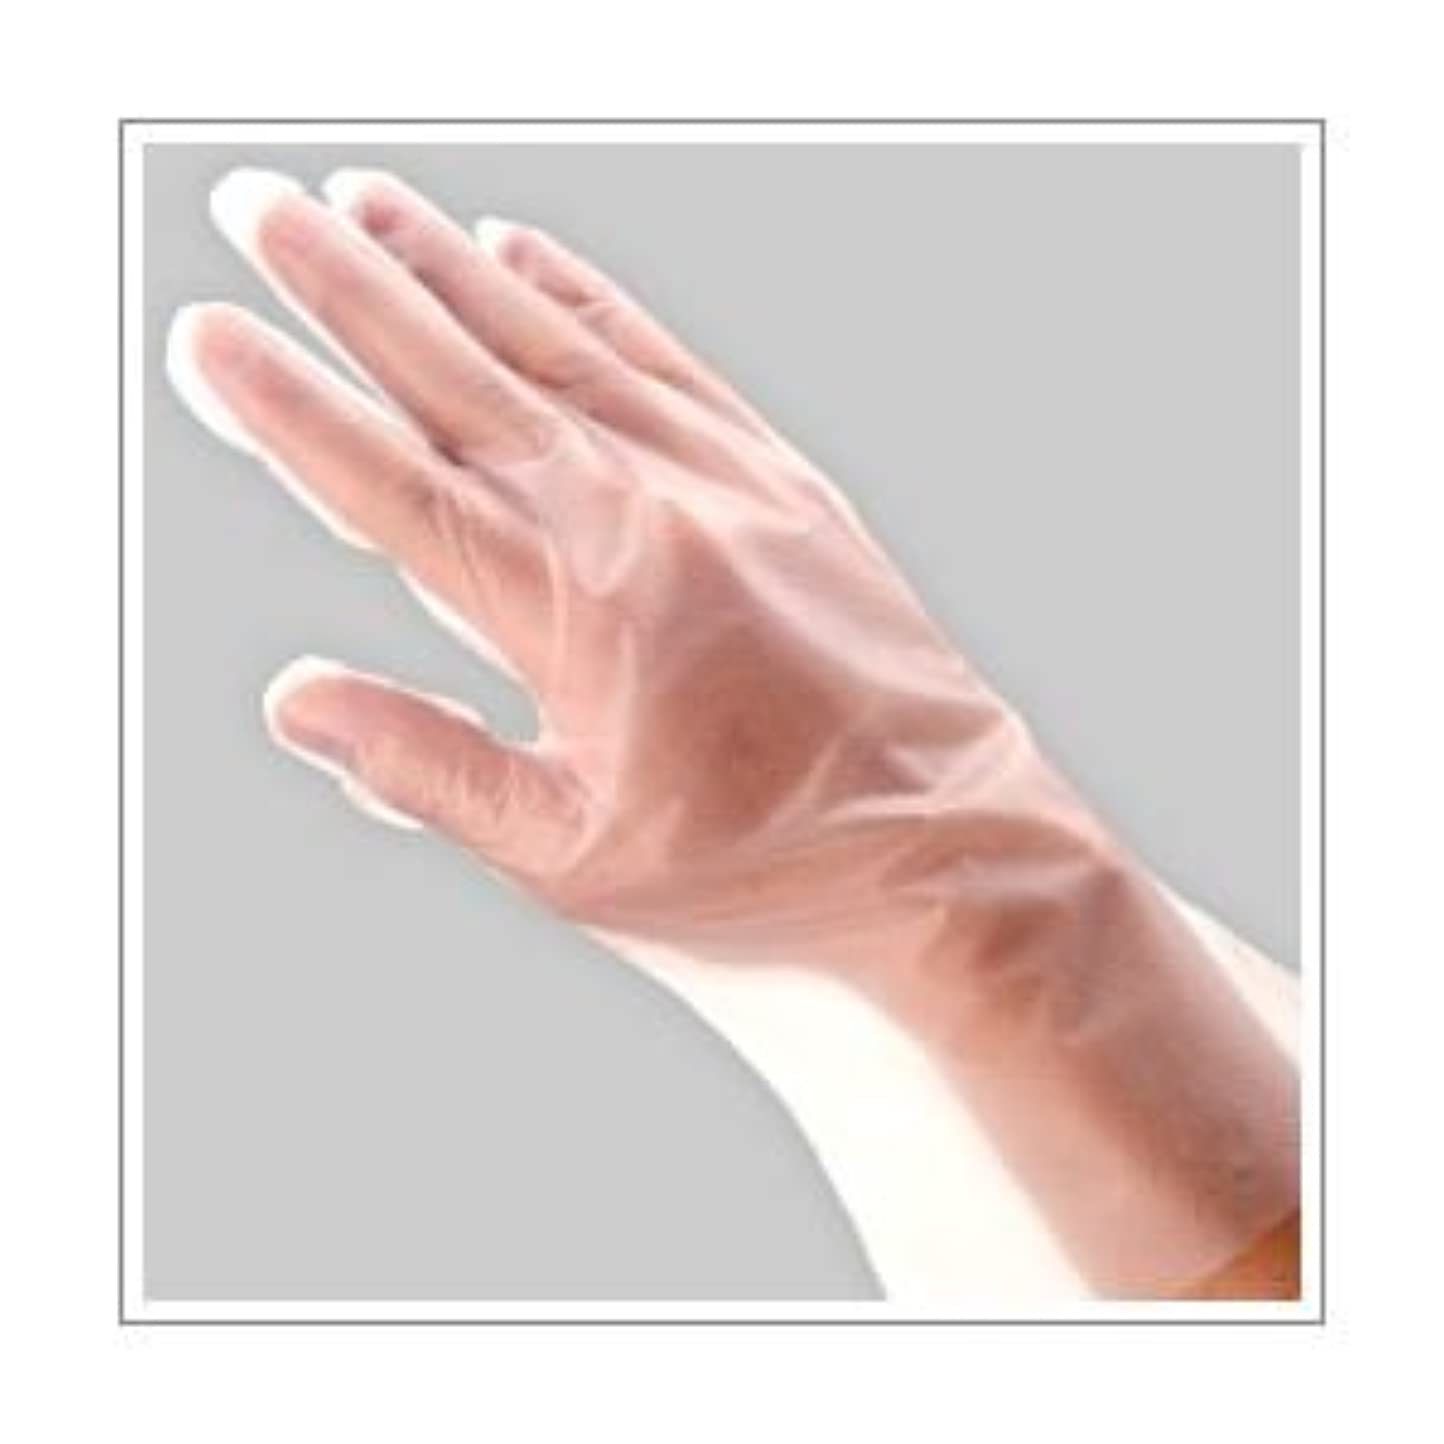 選択するボウルペインティング(業務用セット) 福助工業 ポリ手袋 指フィット 100枚パック M 【×10セット】 dS-1640684